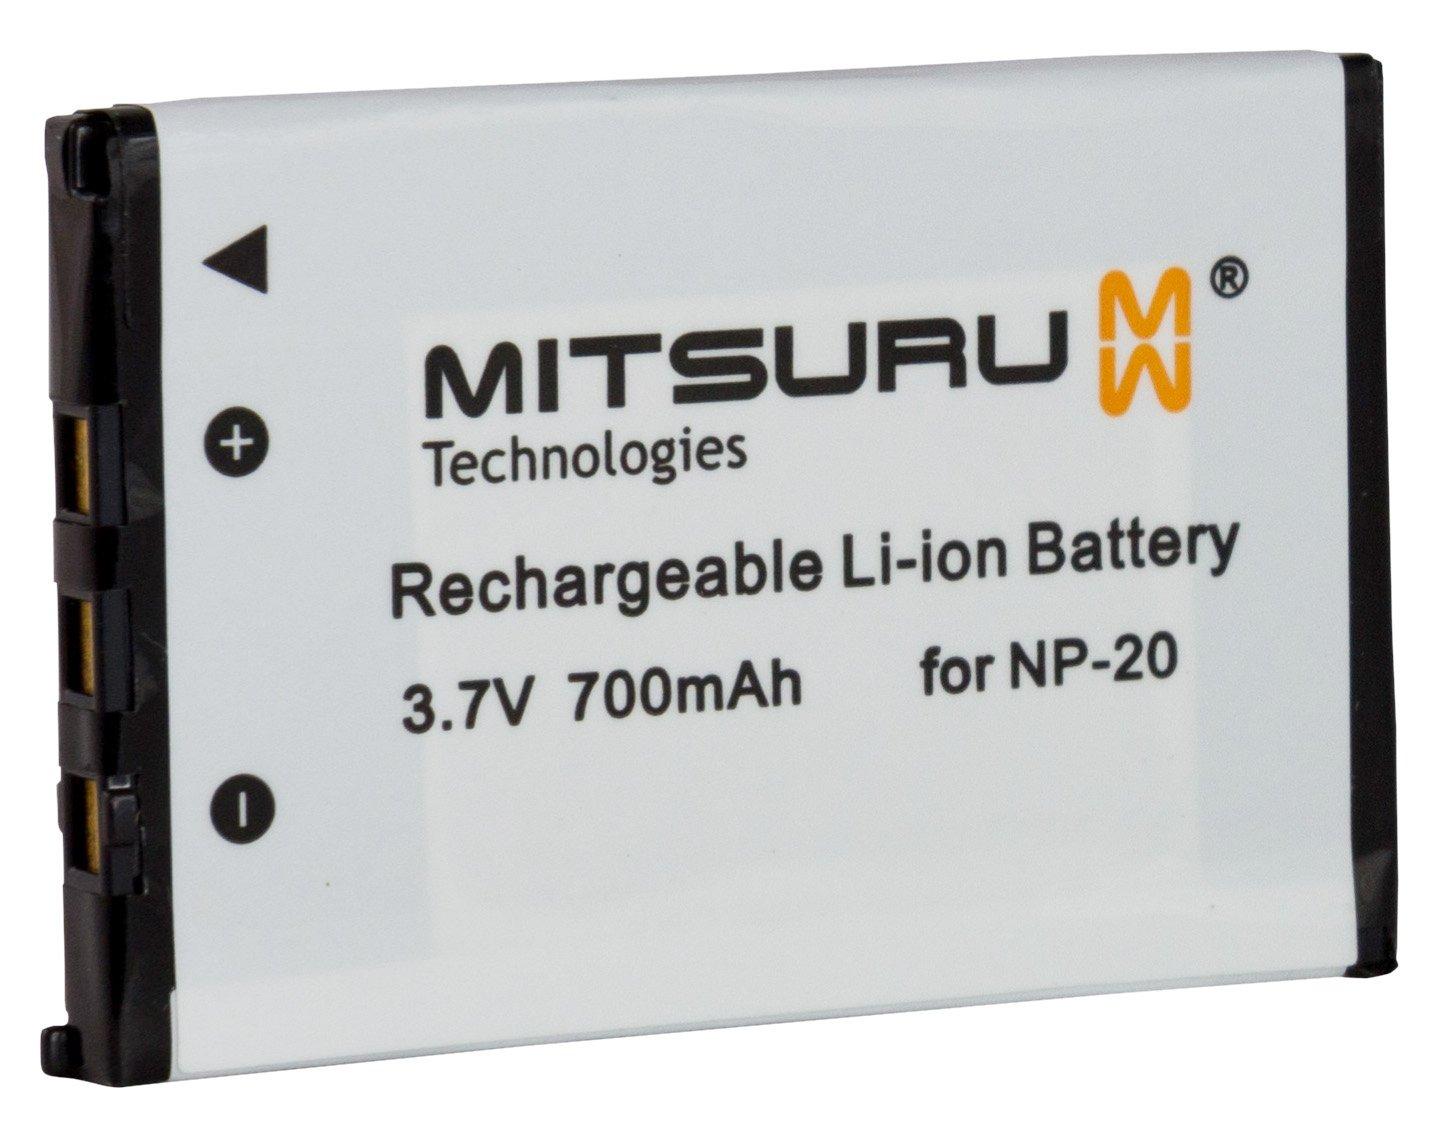 Mitsuru/® Batteria di riserva per Casio Exilim EX-Z77 EX-Z770 EX-Z8 M1 M2 M20 S1 S1PM S2 S20 S23 S3 SX-S770 T-800 T700 T800 T850 X720 X725 X800 Z3 Z4 Z5 adatta a Casio NP-20 NP20